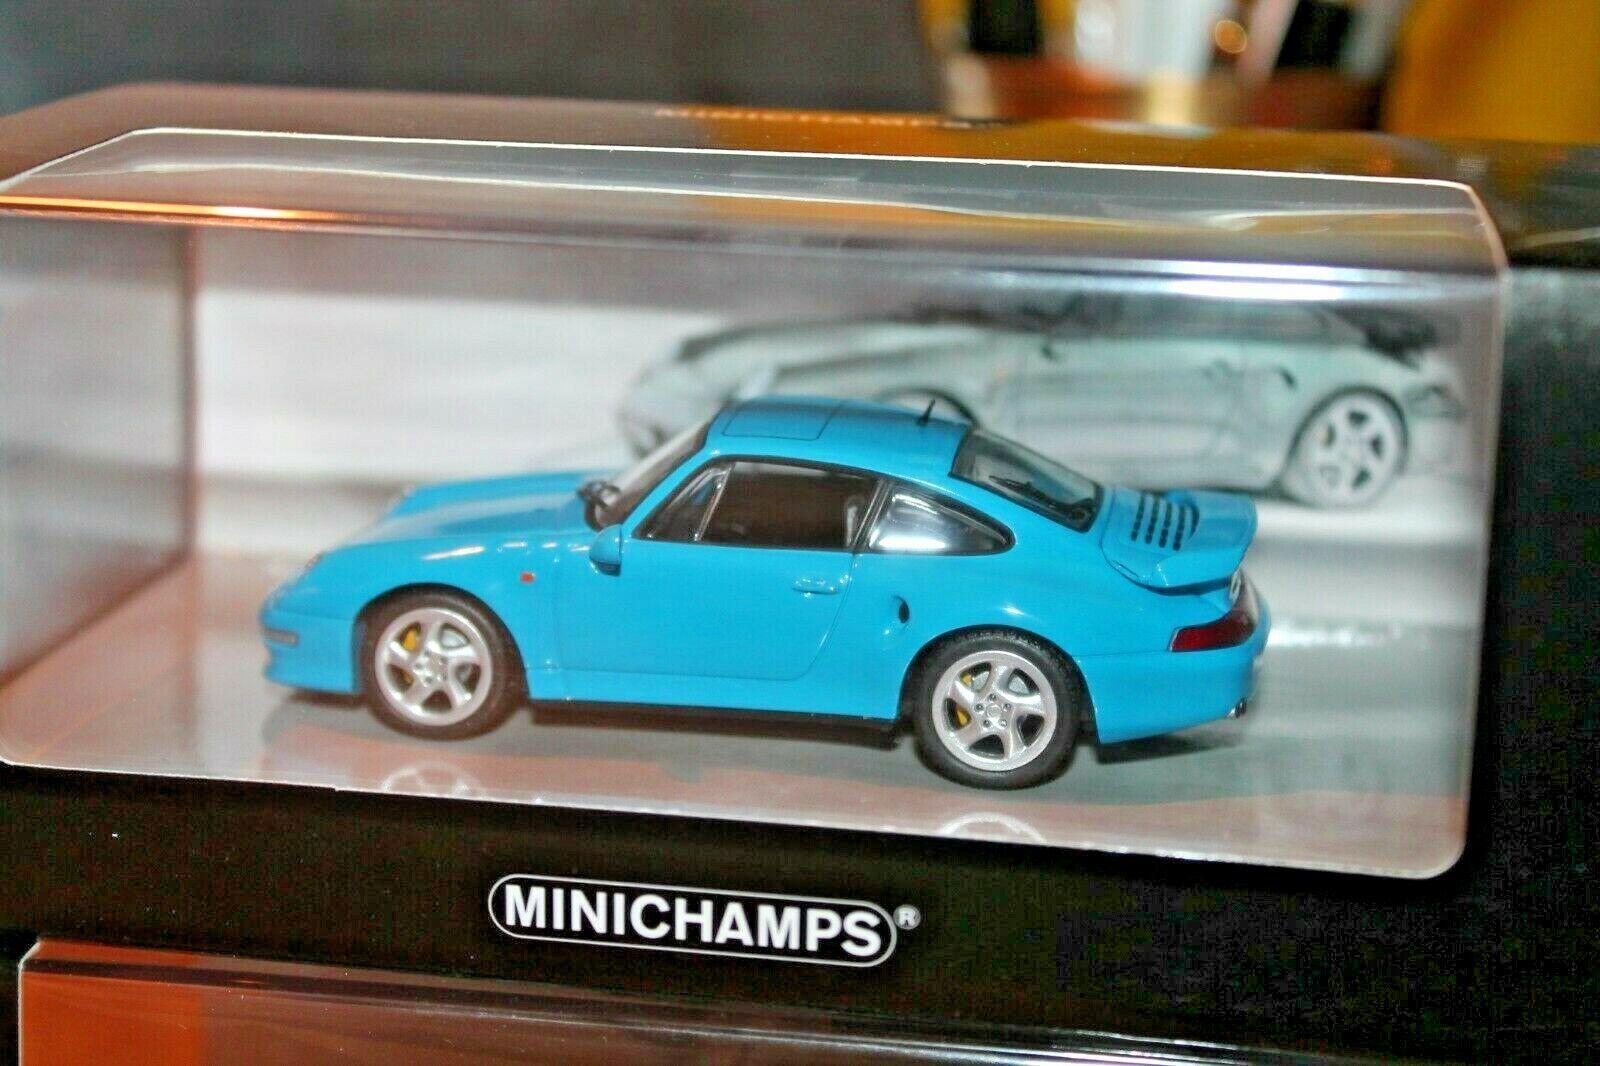 MINICHAMPS  PORSCHE 911 TURBO S 3.6 (993)  Neuf dans sa boîte  1 43  NOUVEAU